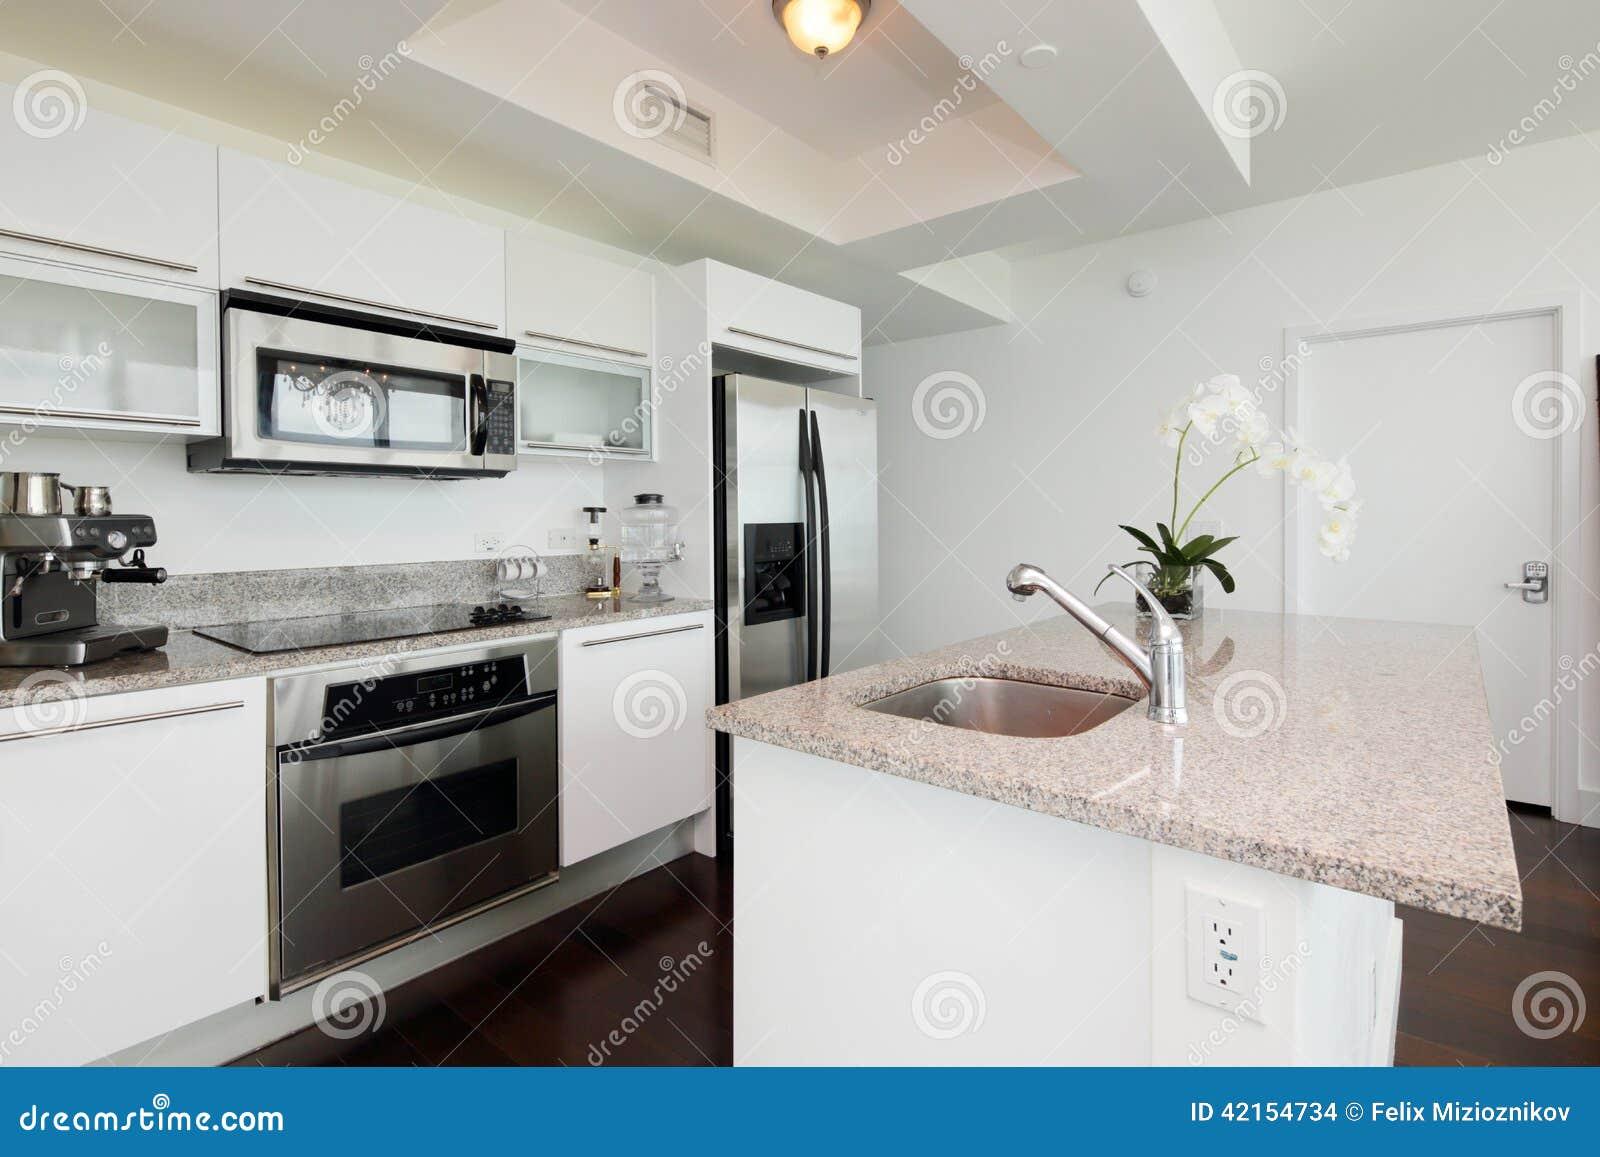 Moderne Keuken Met Een Eiland Stock Foto - Afbeelding: 42154734